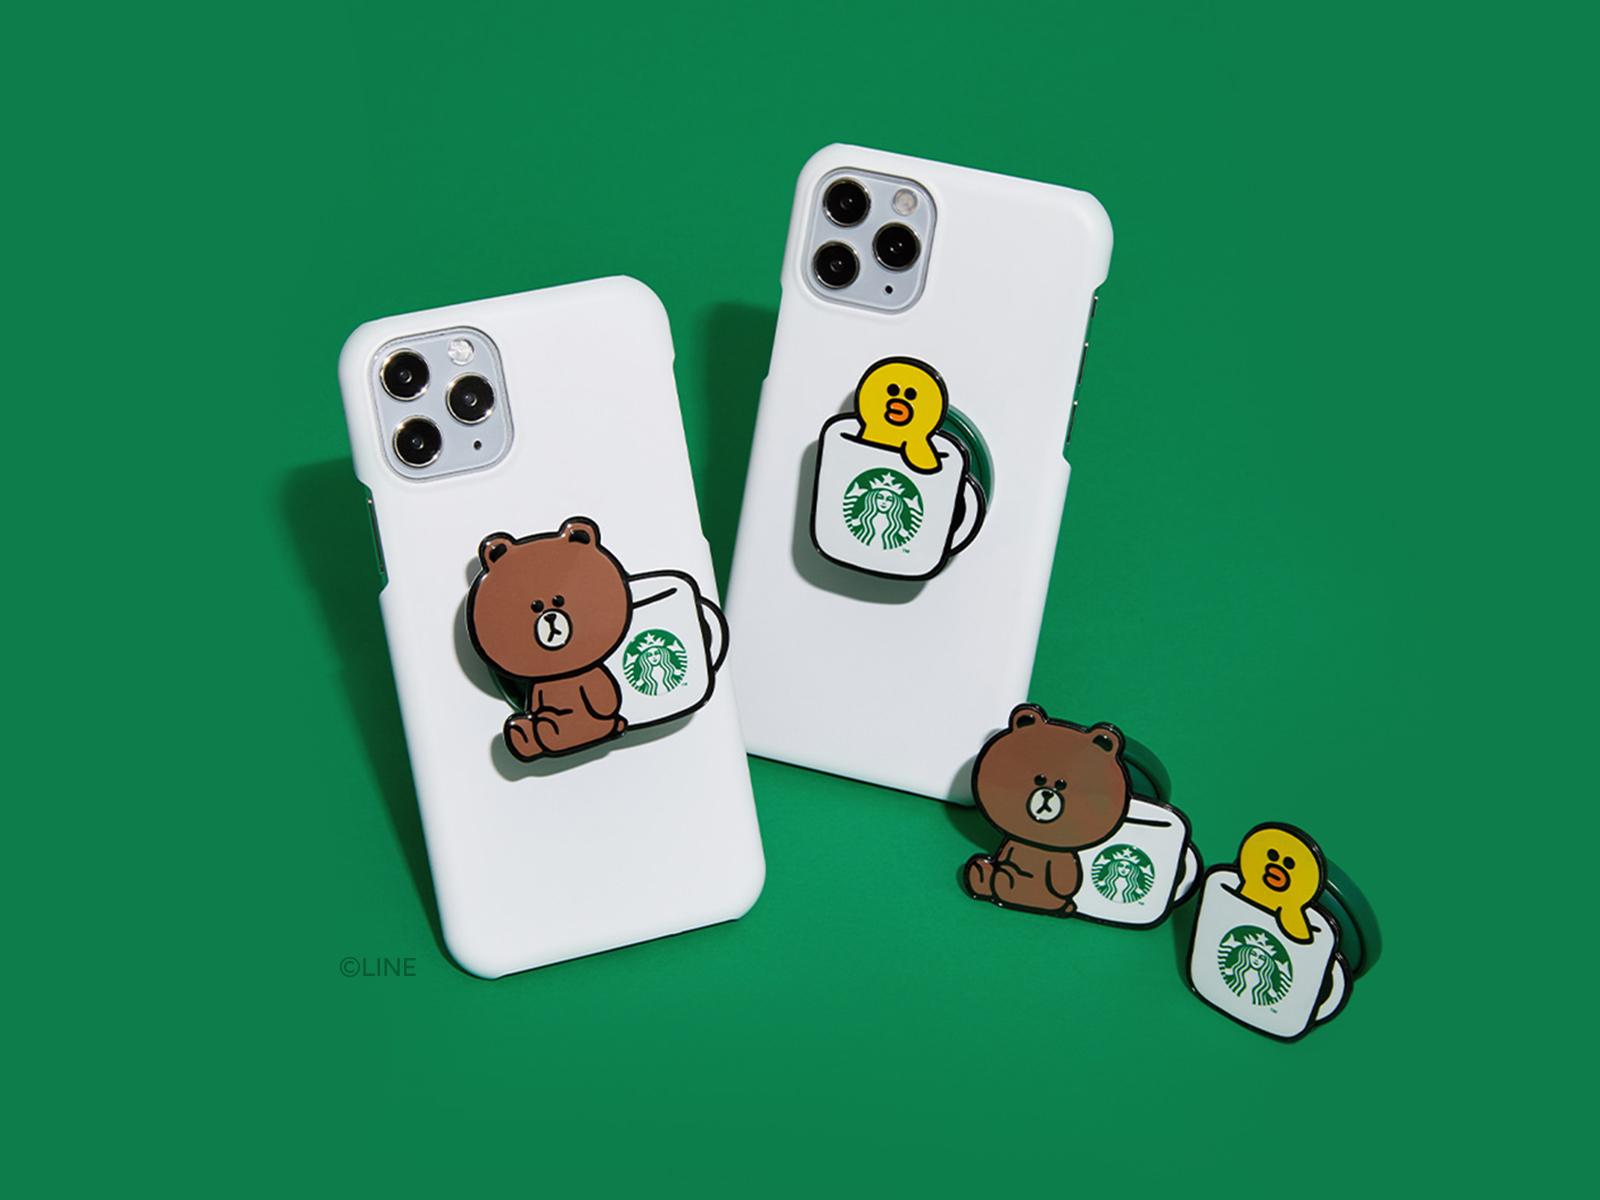 限量聯名熊大手機支架